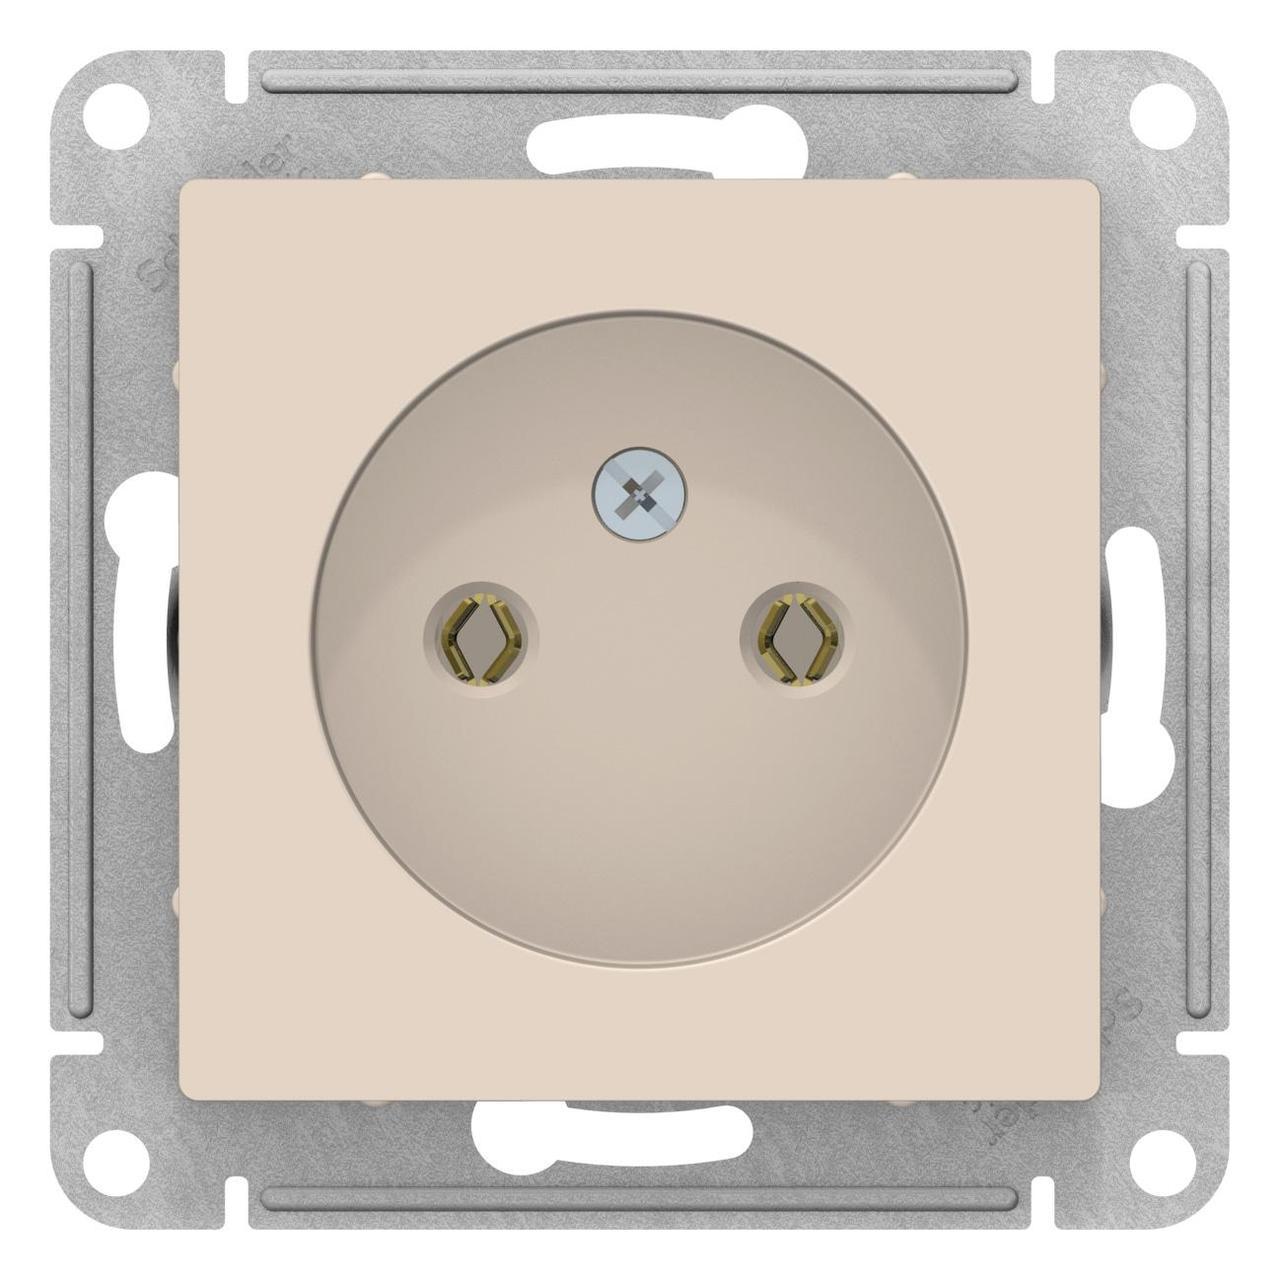 Розетка 1-ая электрическая без заземления , Бежевый, серия Atlas Design, Schneider Electric